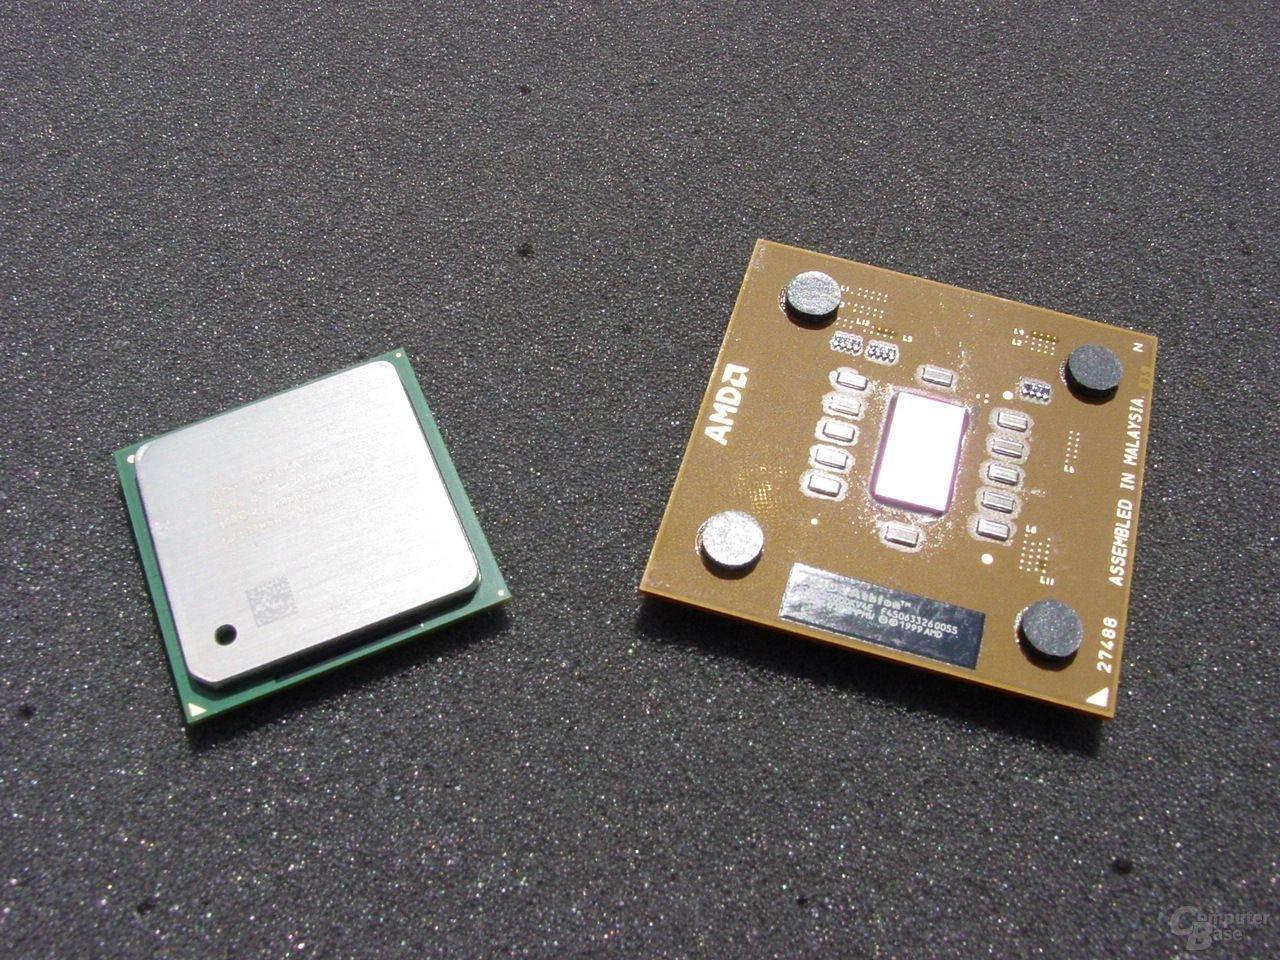 Intel Pentium 4 3,2 GHz und Athlon XP 3200+